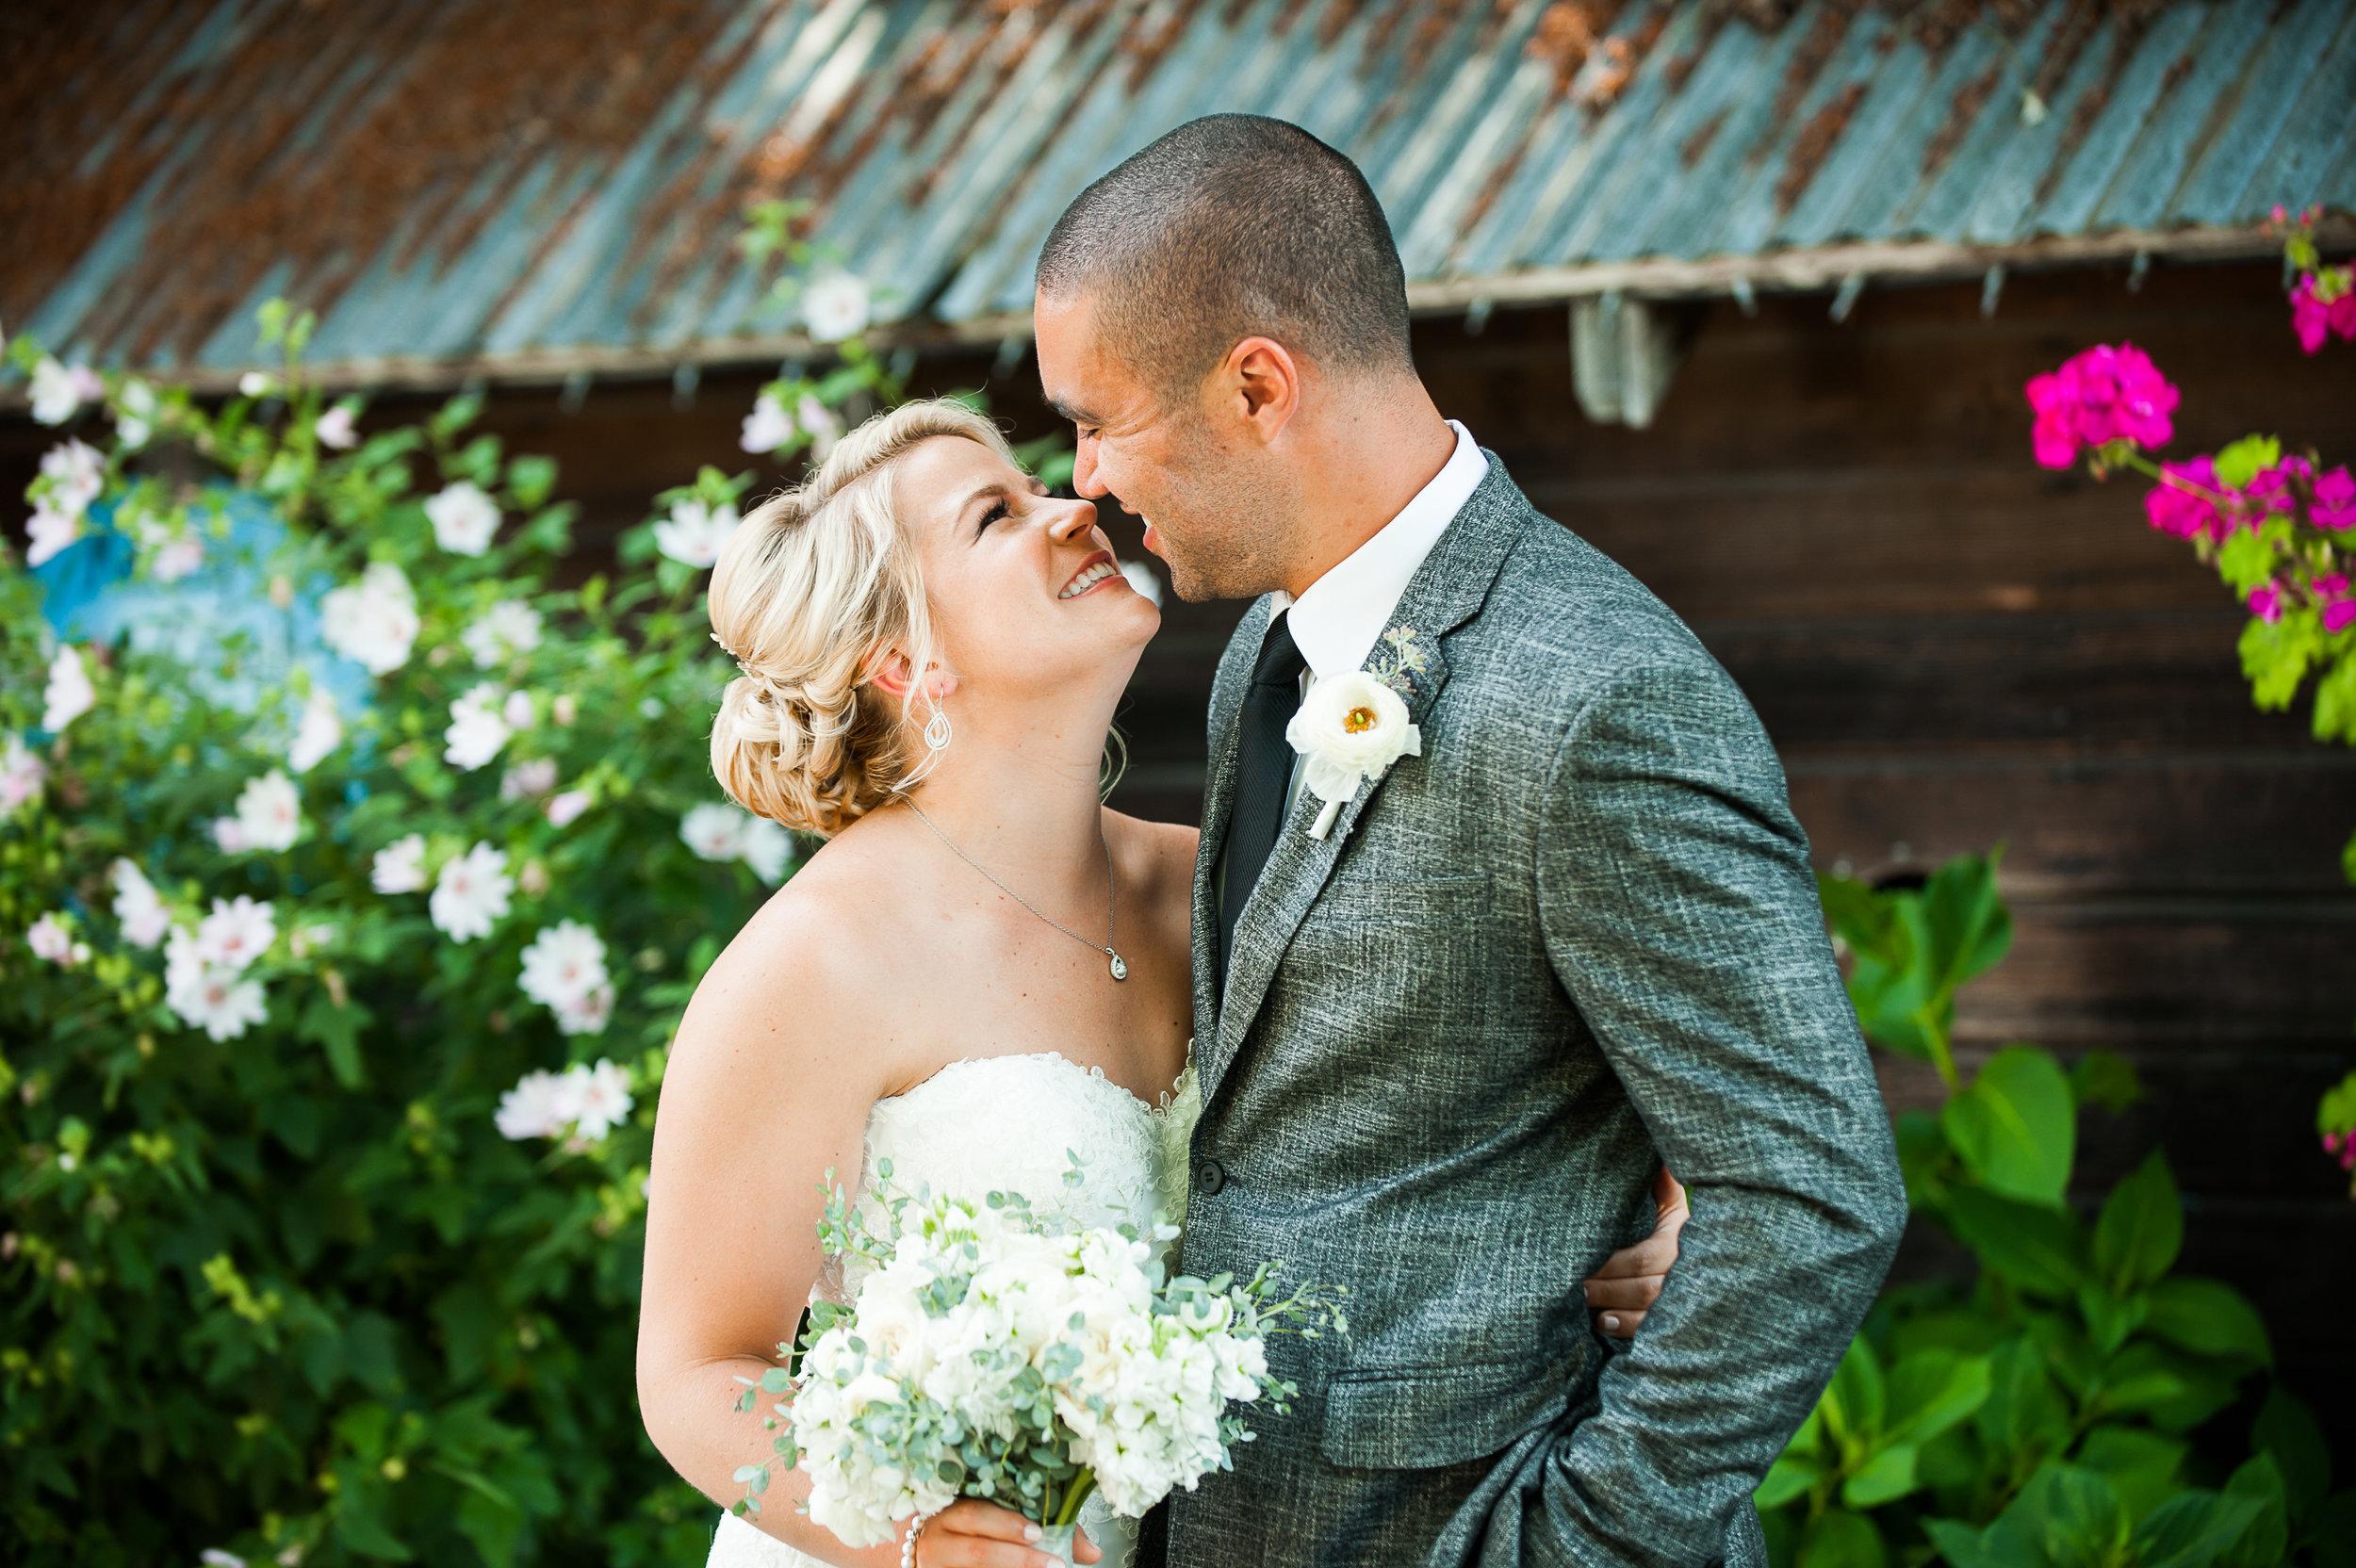 HA-wedding-Van-Wyhe-Photography-128.jpg